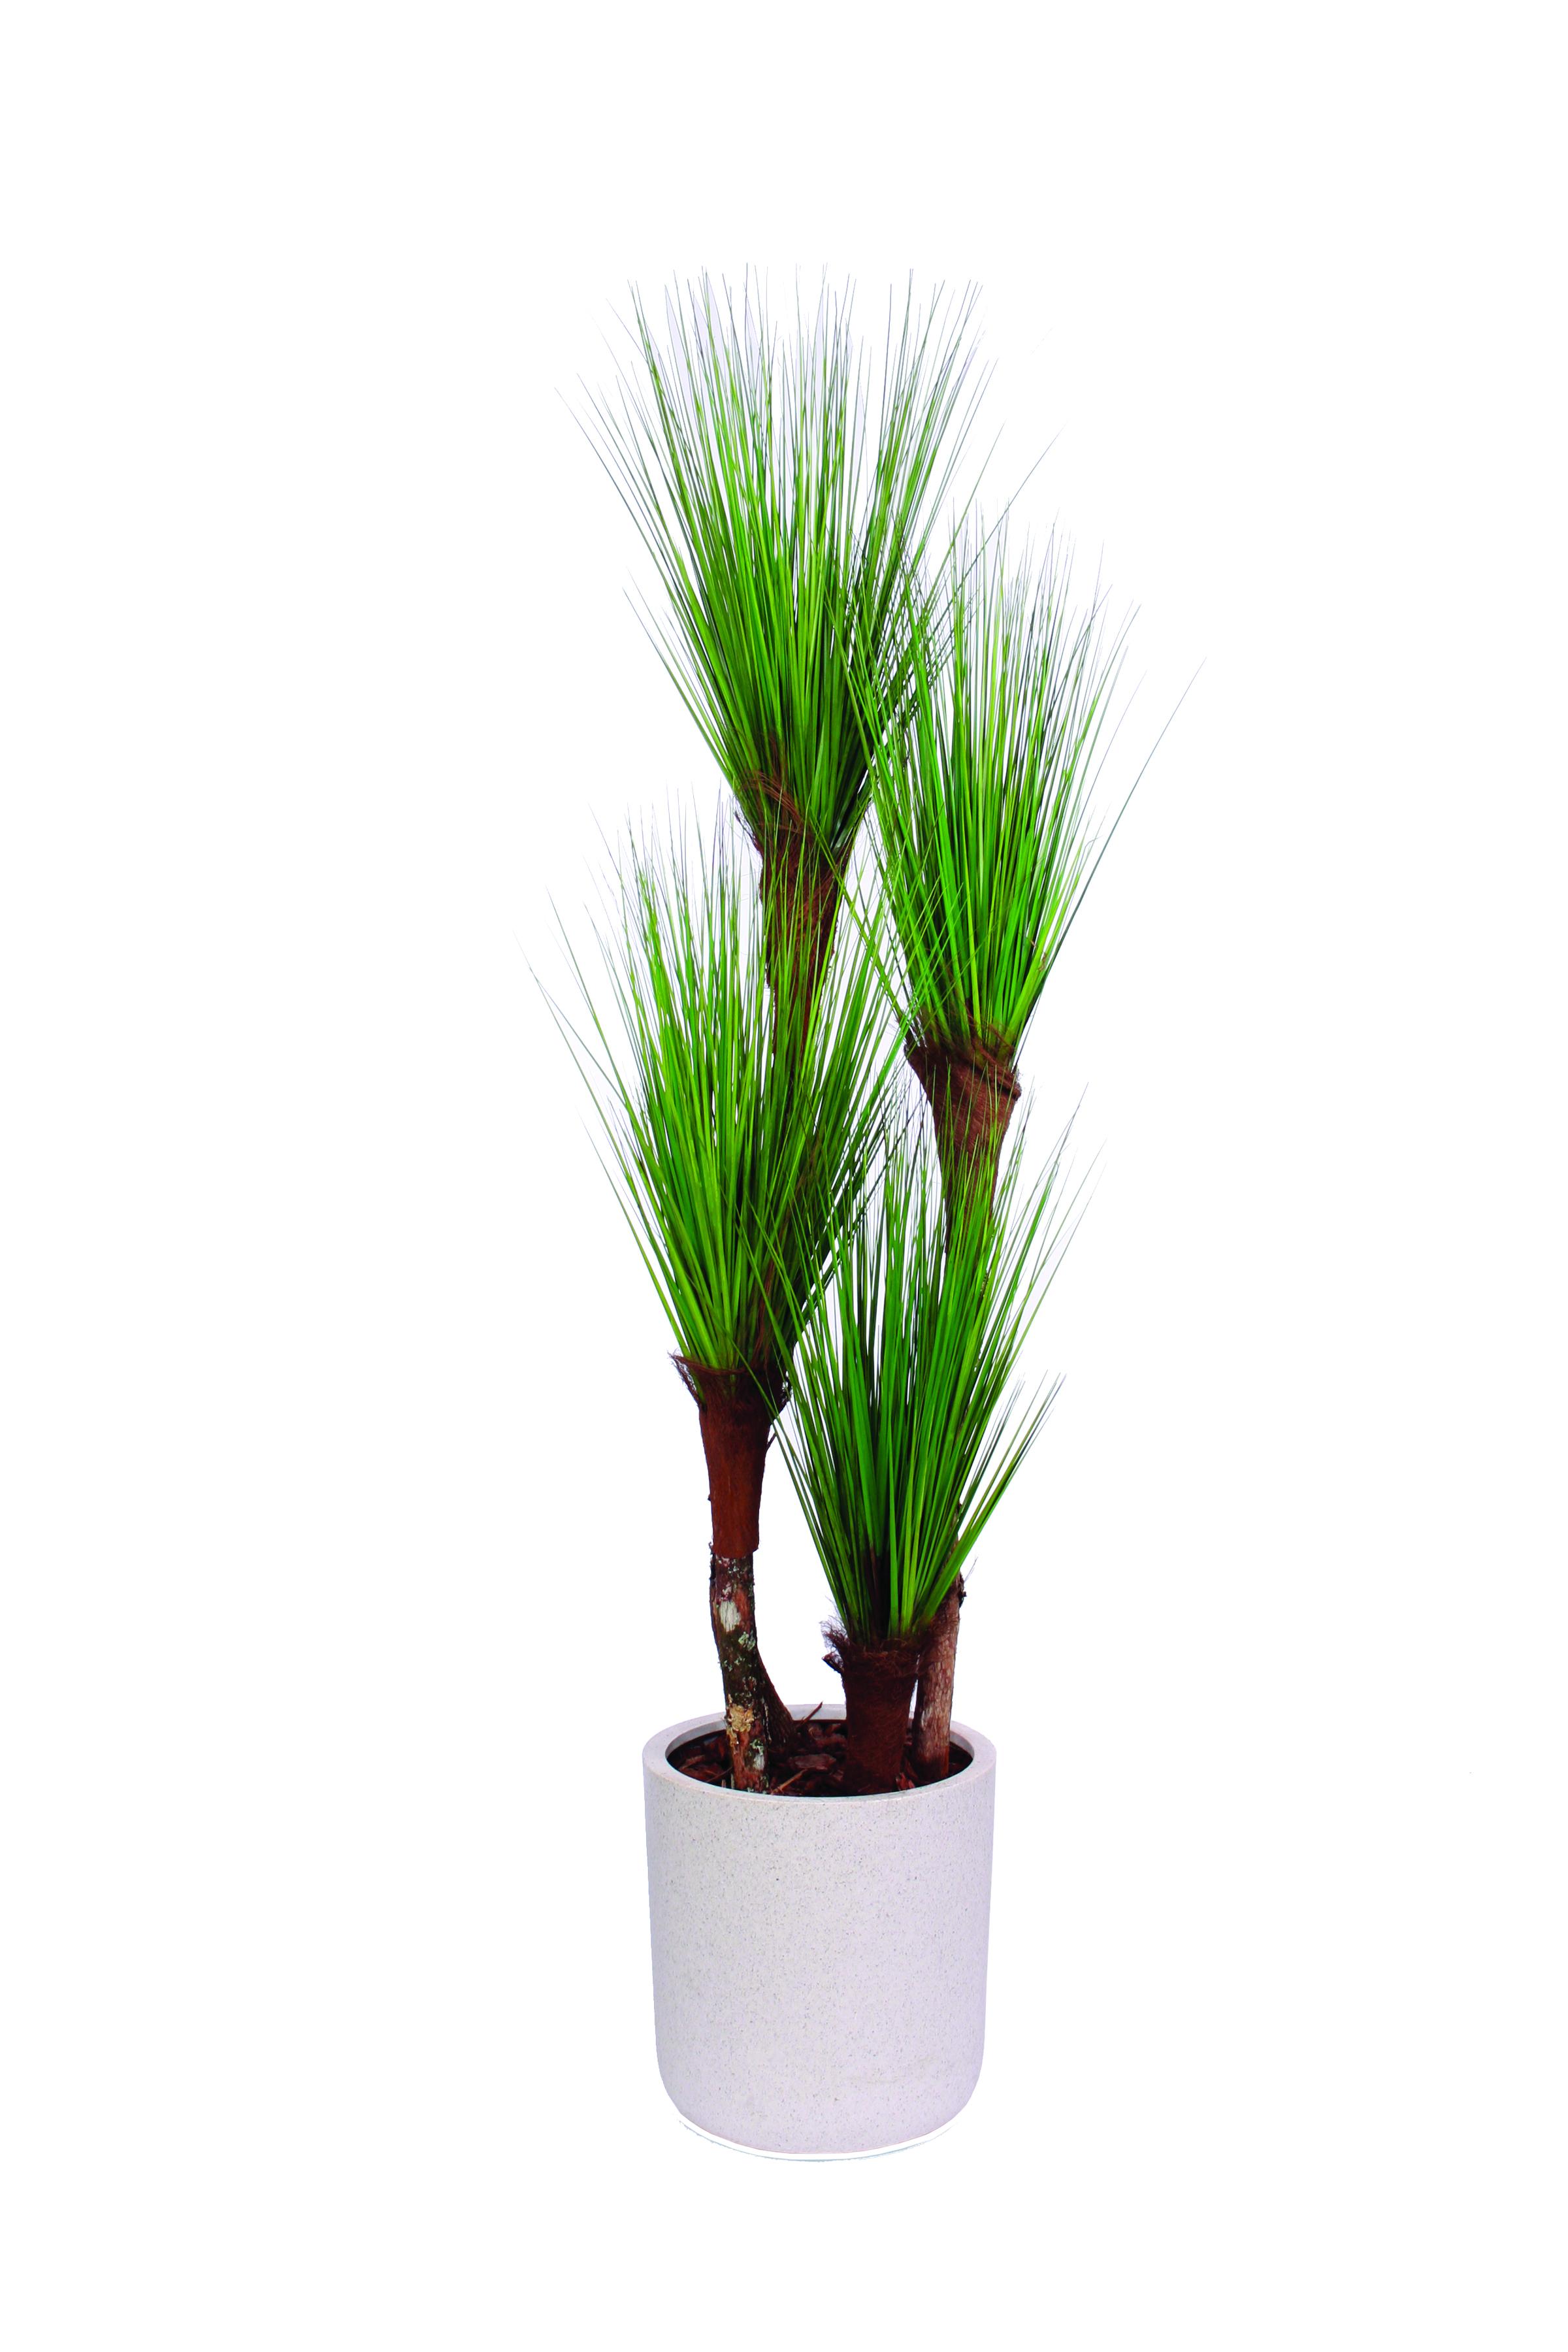 7.5' DLX GRASS TREE/BASKET